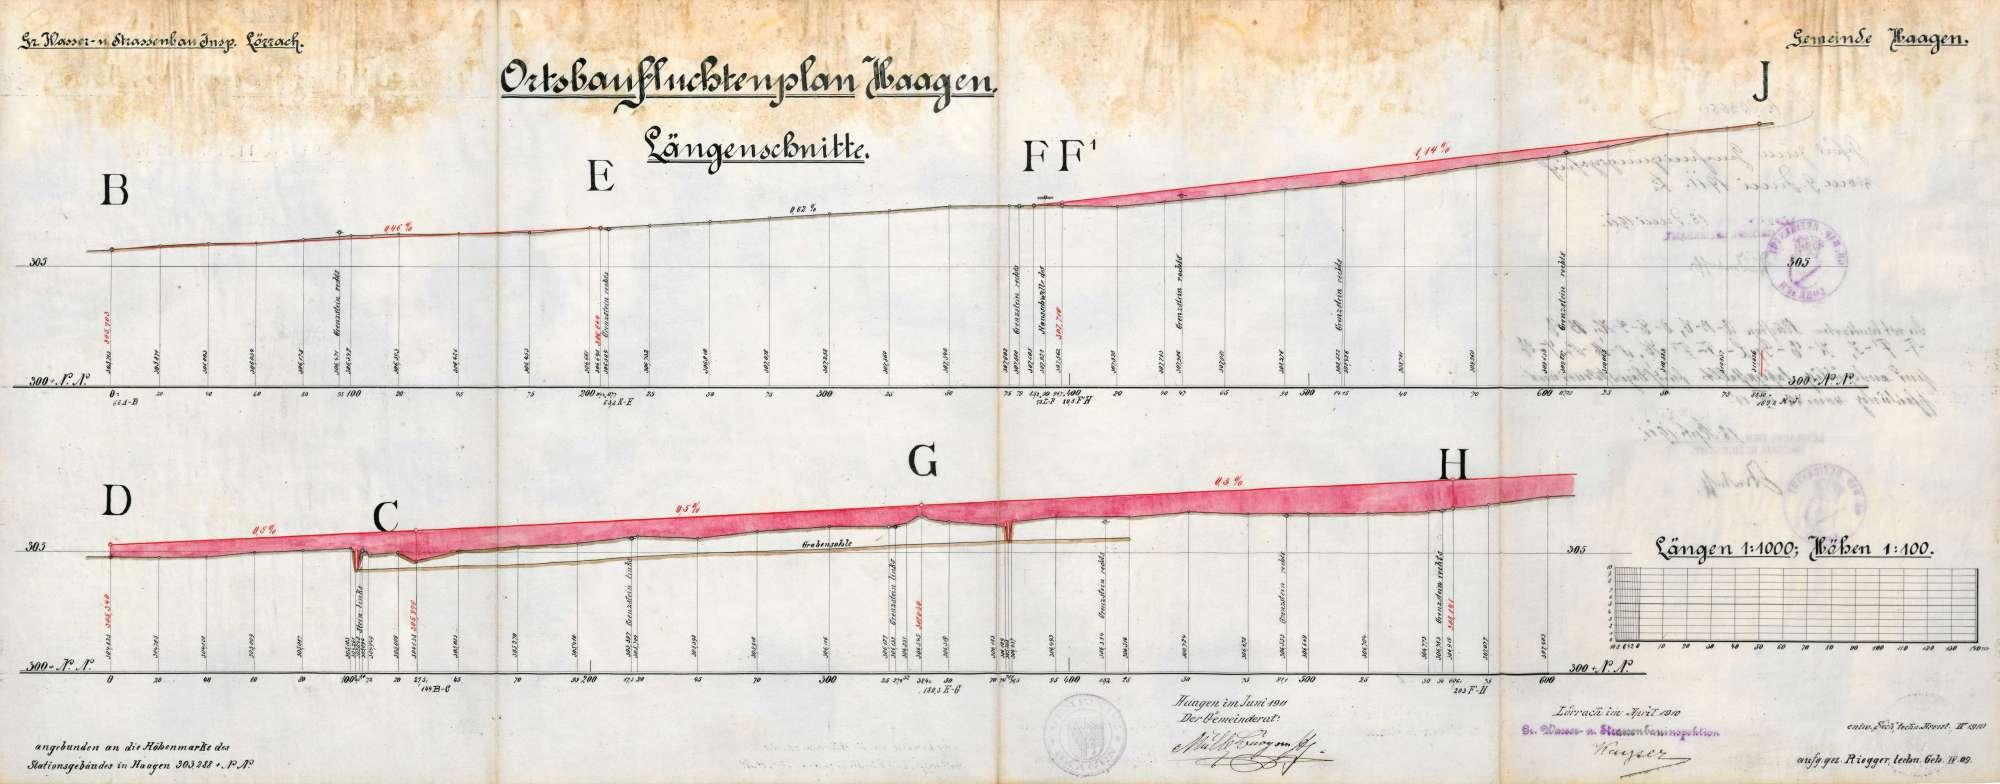 Herstellung und Unterhaltung des Vebindungsweges zwischen Brombach und der Eisenbahnstation Haagen, Bild 3